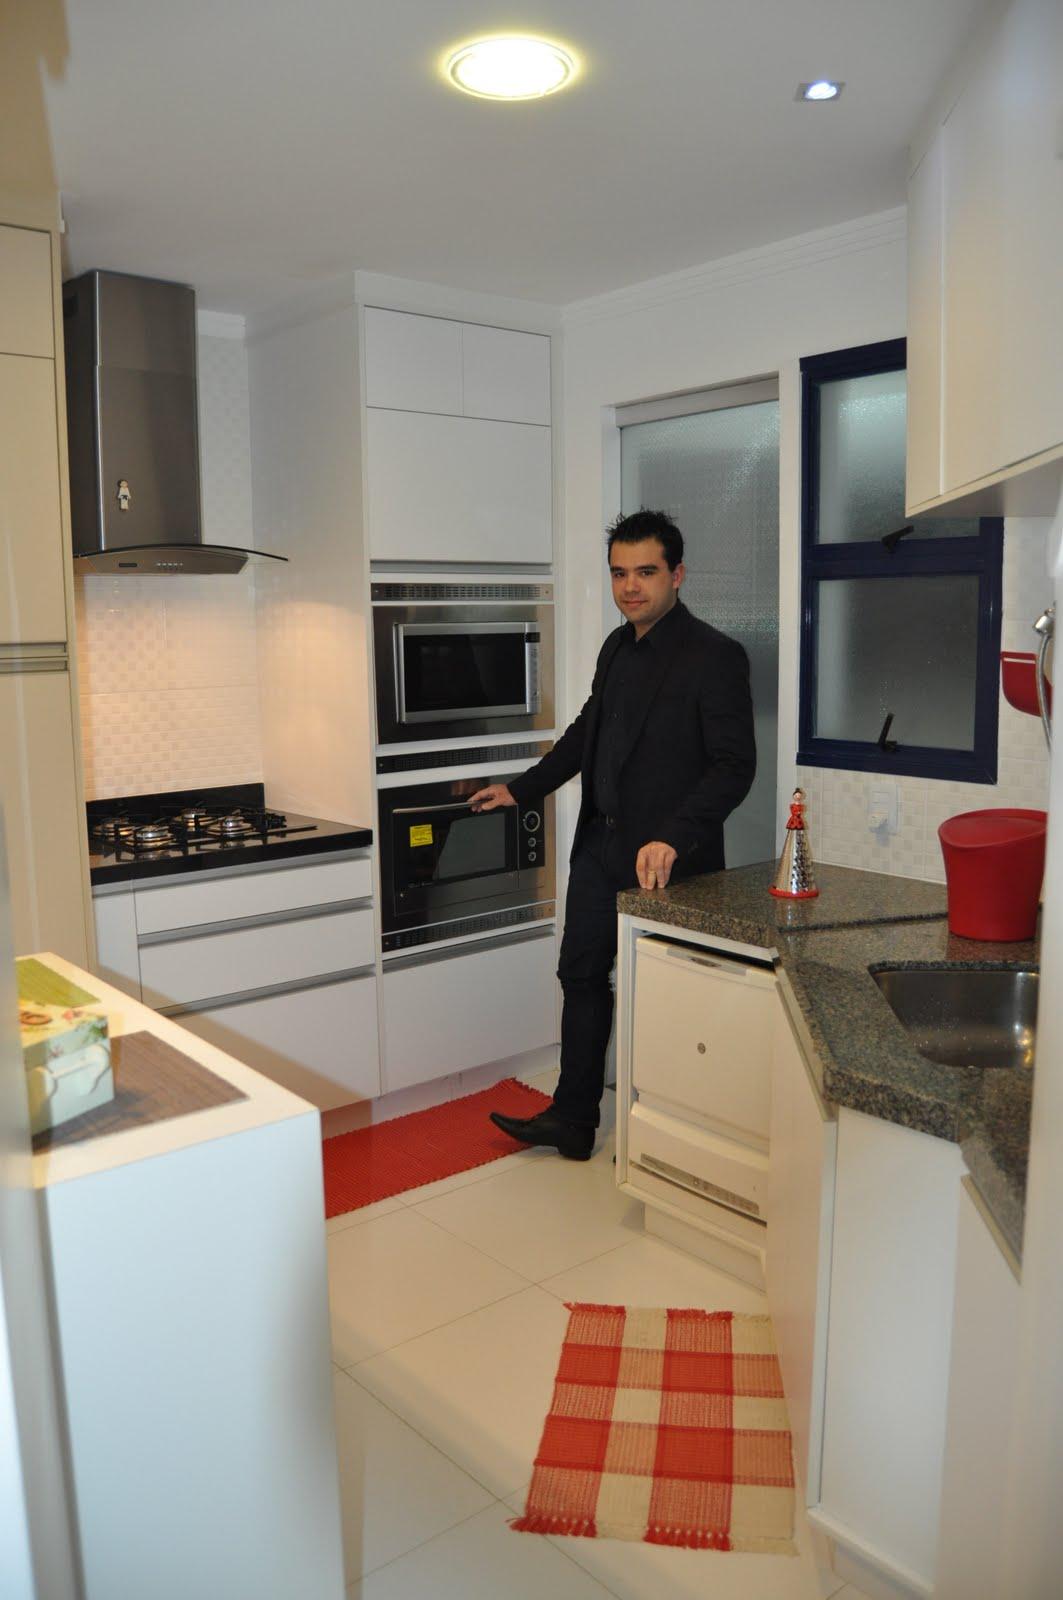 Apartamento de 3 dormitórios em Bauru/SP Designer de Interiores  #803628 1063x1600 Armario Banheiro De Alvenaria